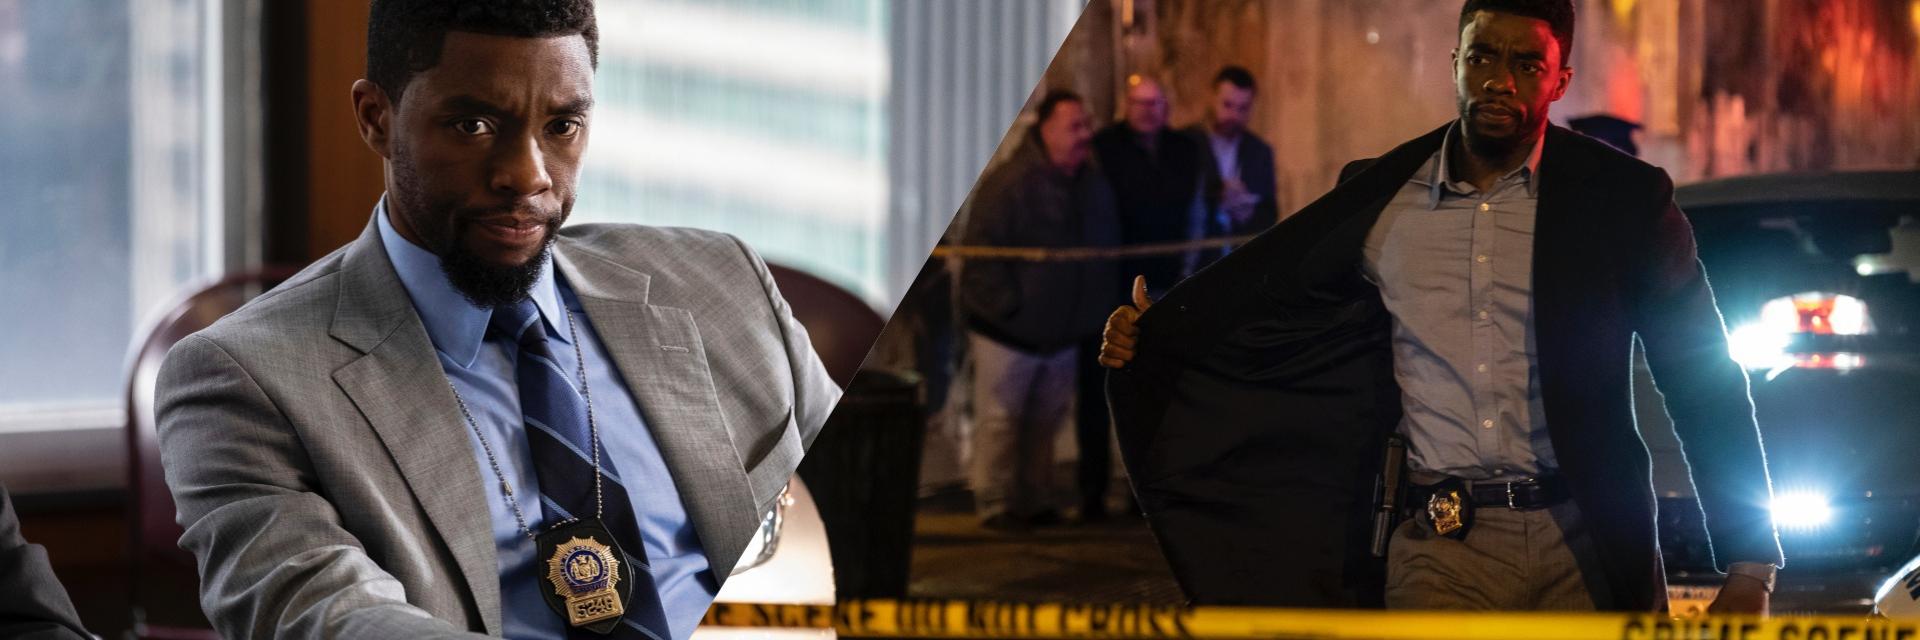 查德維克跳脫黑豹帶來強力之作!《暴走曼哈頓》 化身探員帥度仍破表,與羅素兄弟超強組合網友:「我還不看爆?」